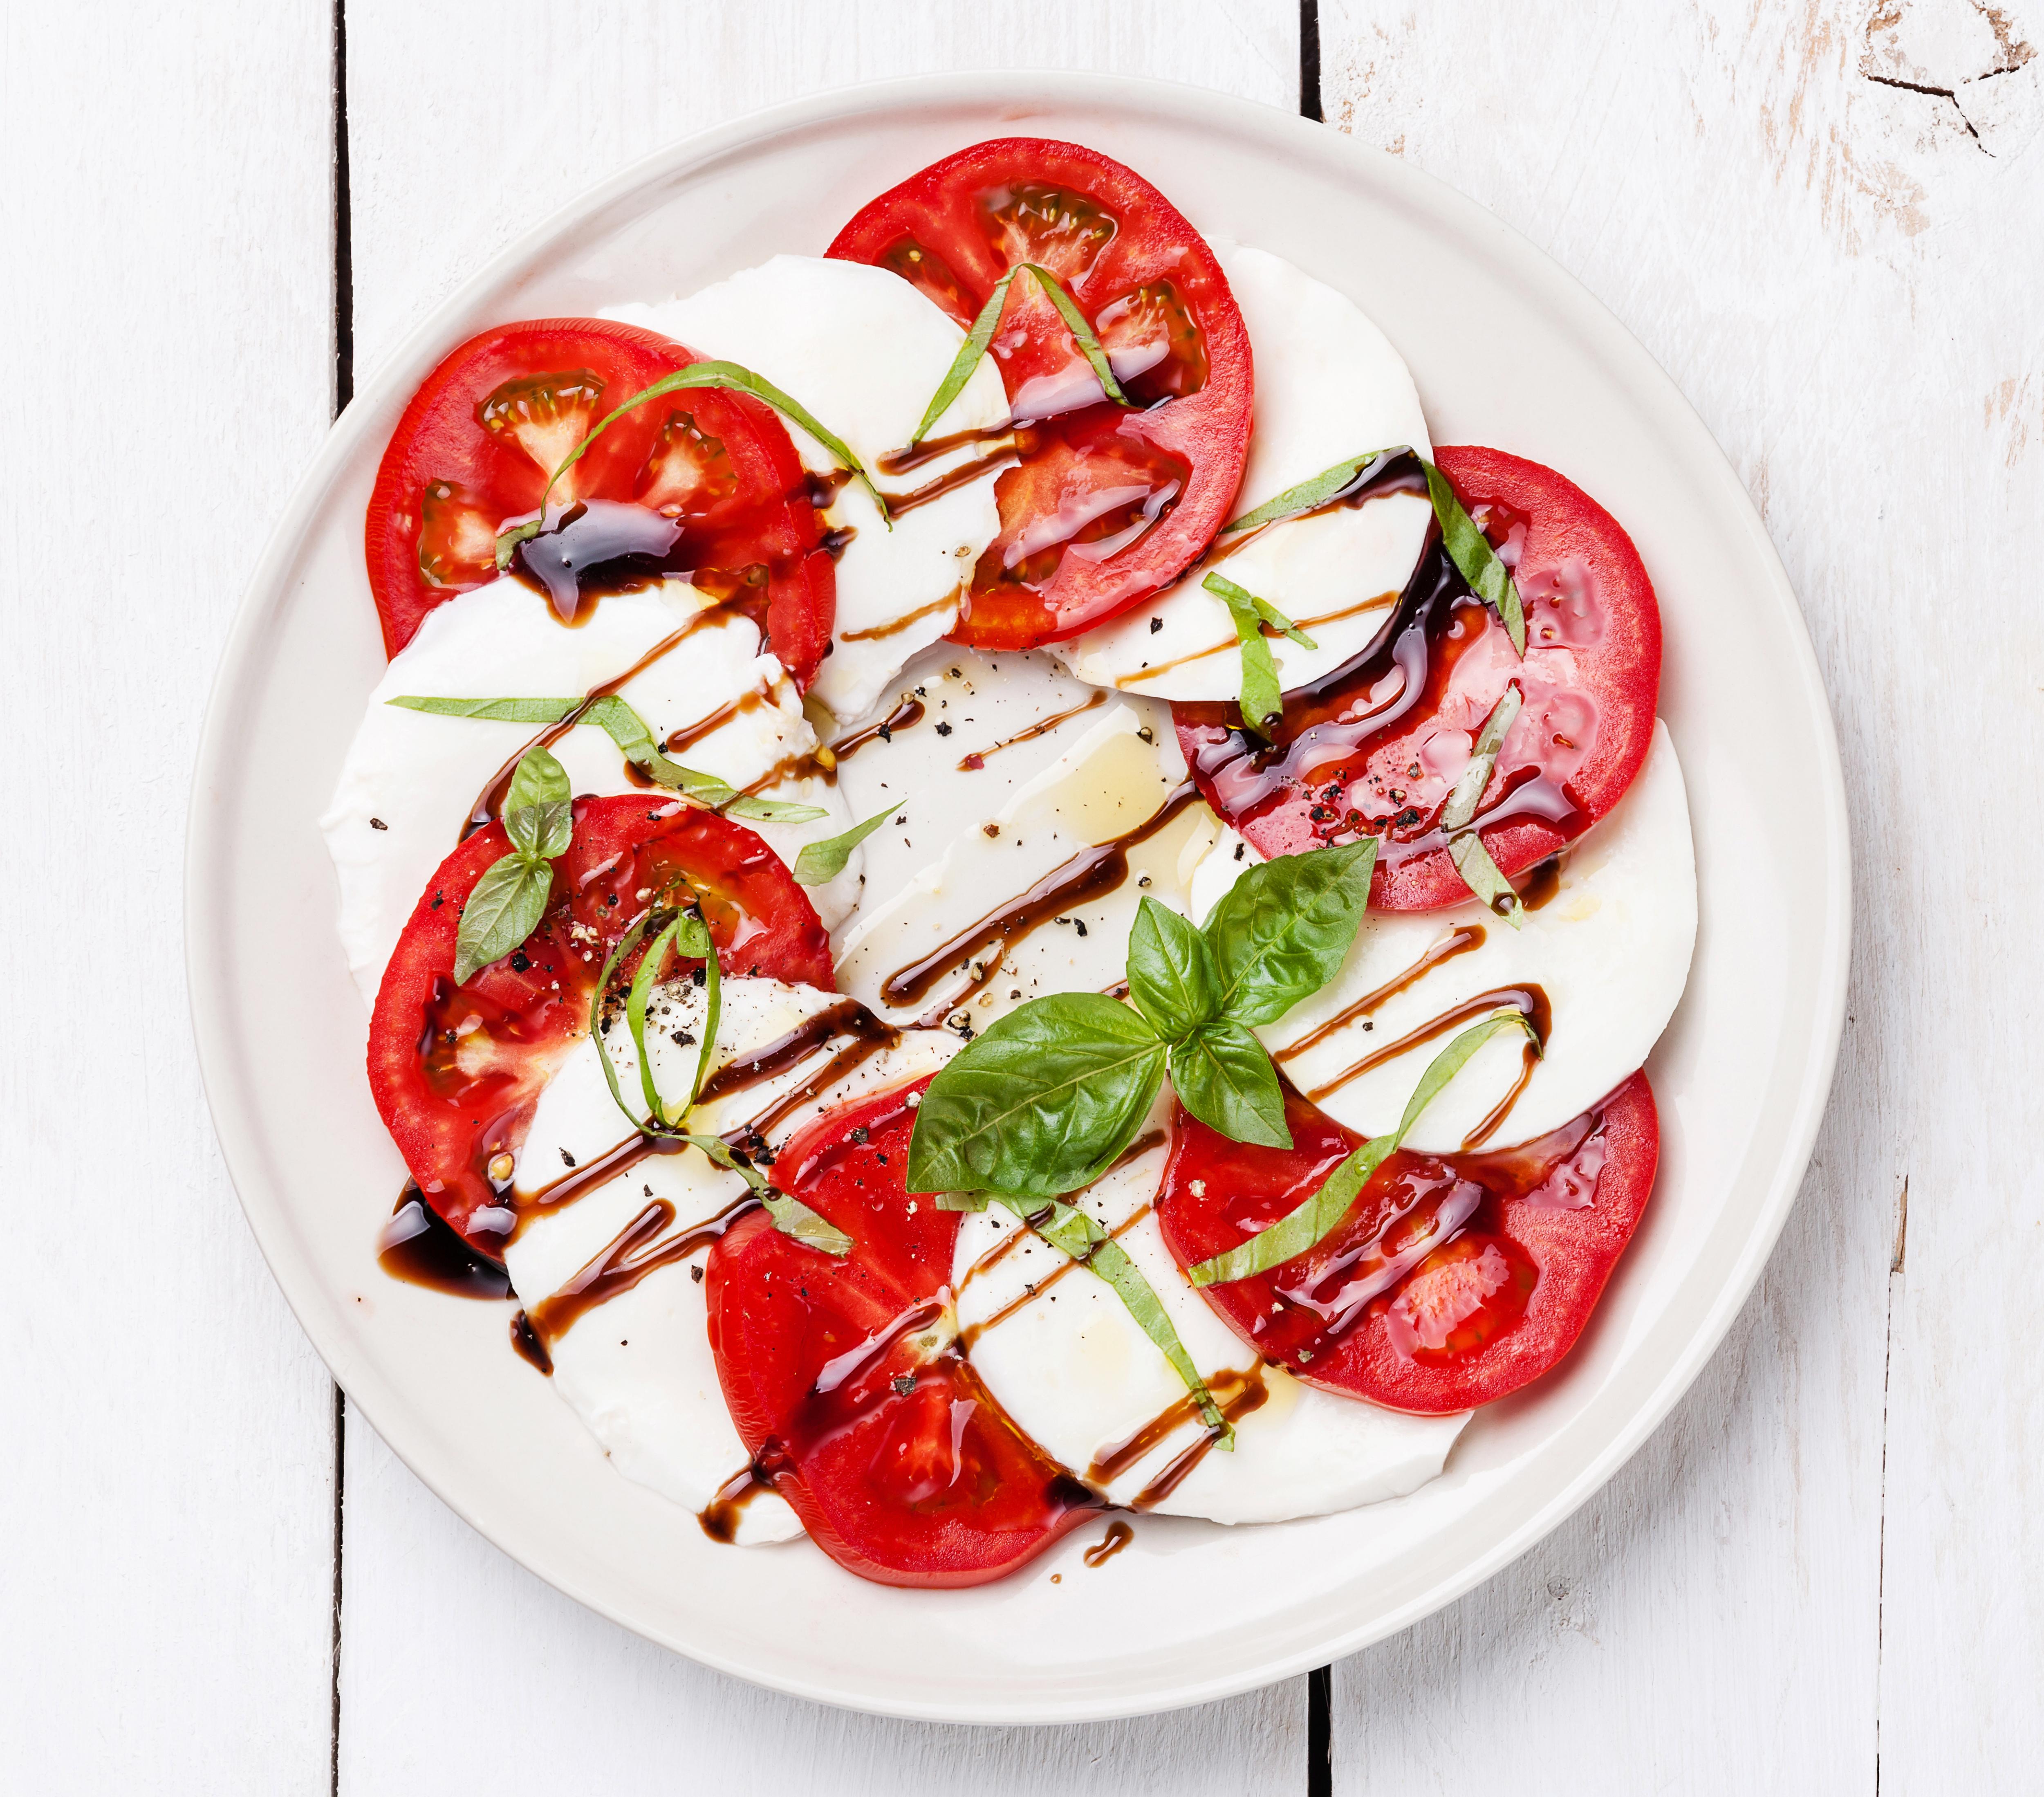 Фото Помидоры Сыры Еда тарелке Нарезанные продукты Томаты Пища нарезка Тарелка Продукты питания